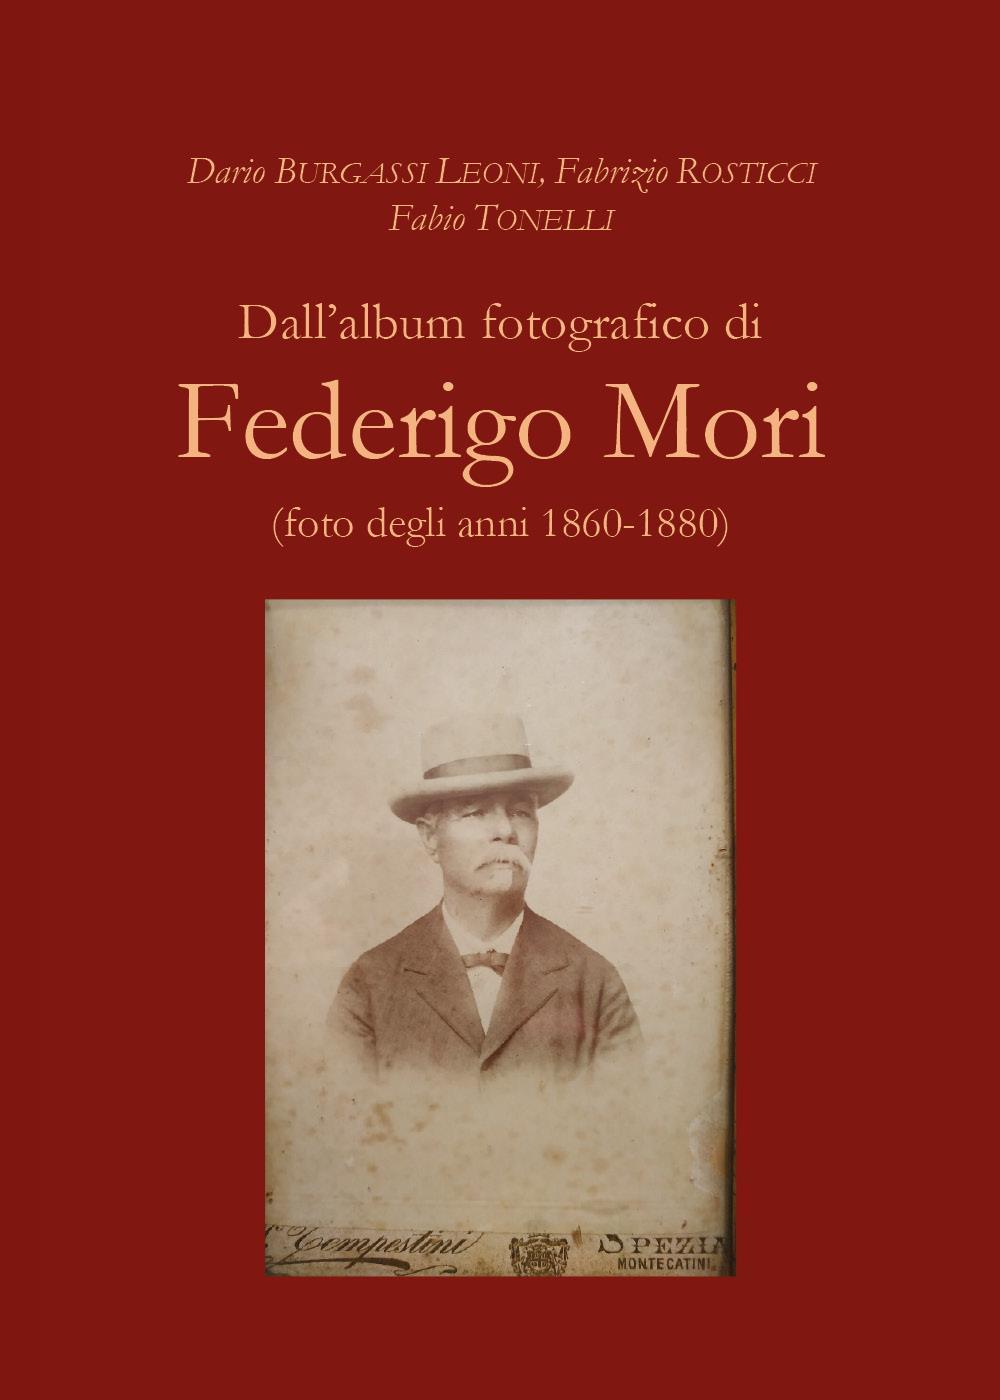 Dall'album fotografico di Federigo Mori (foto degli anni 1860-1880)